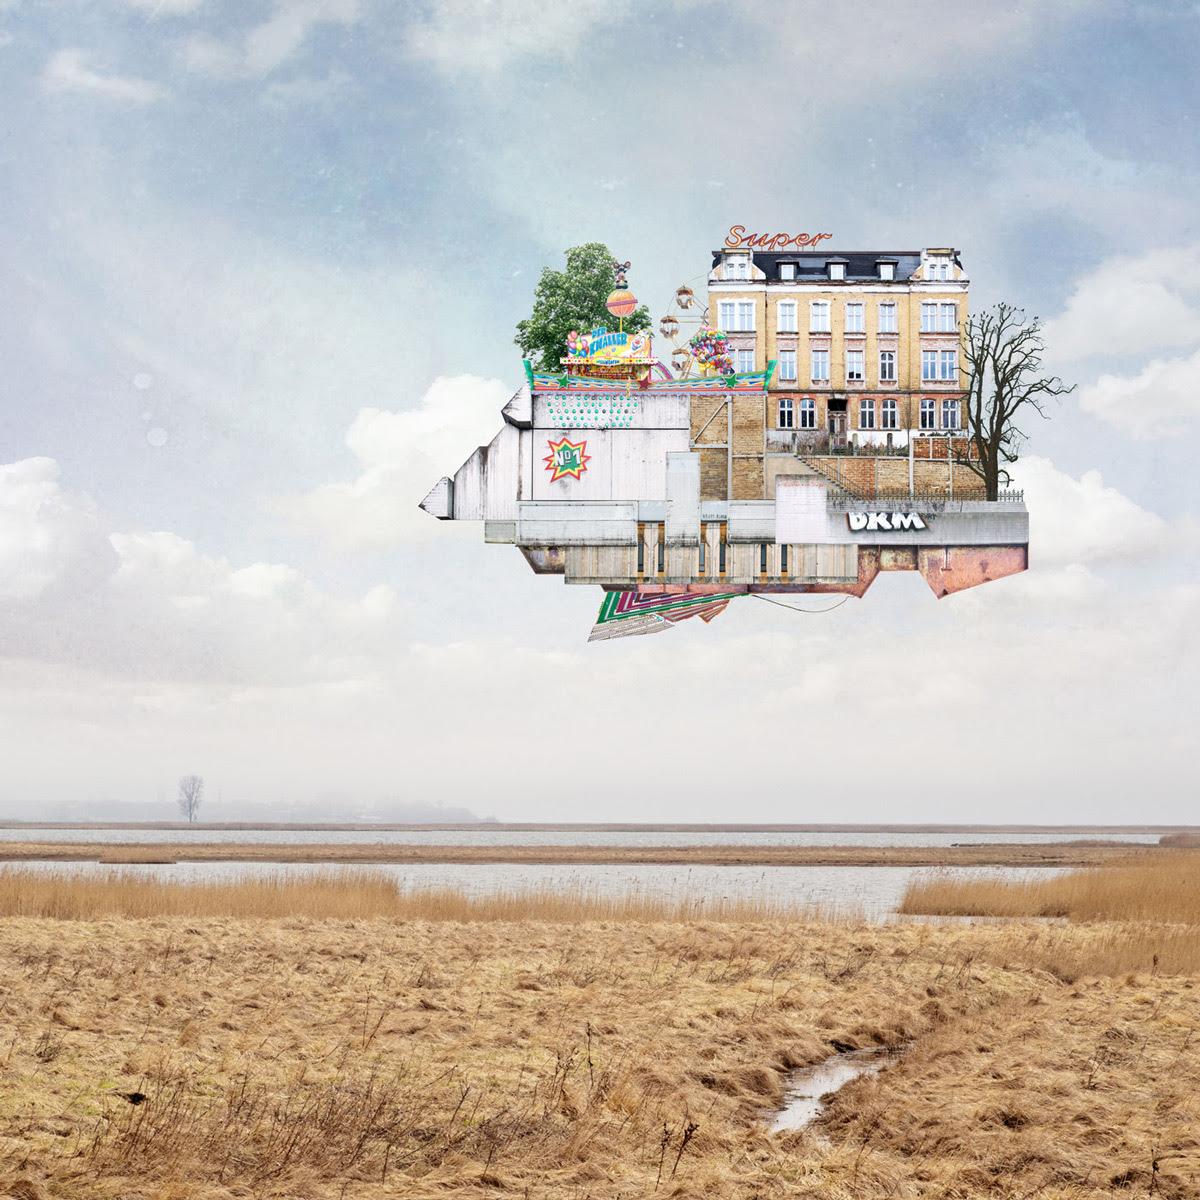 Le nuove case surreali di matthias jung tulipanorosa for Finanziamento della costruzione di nuove case